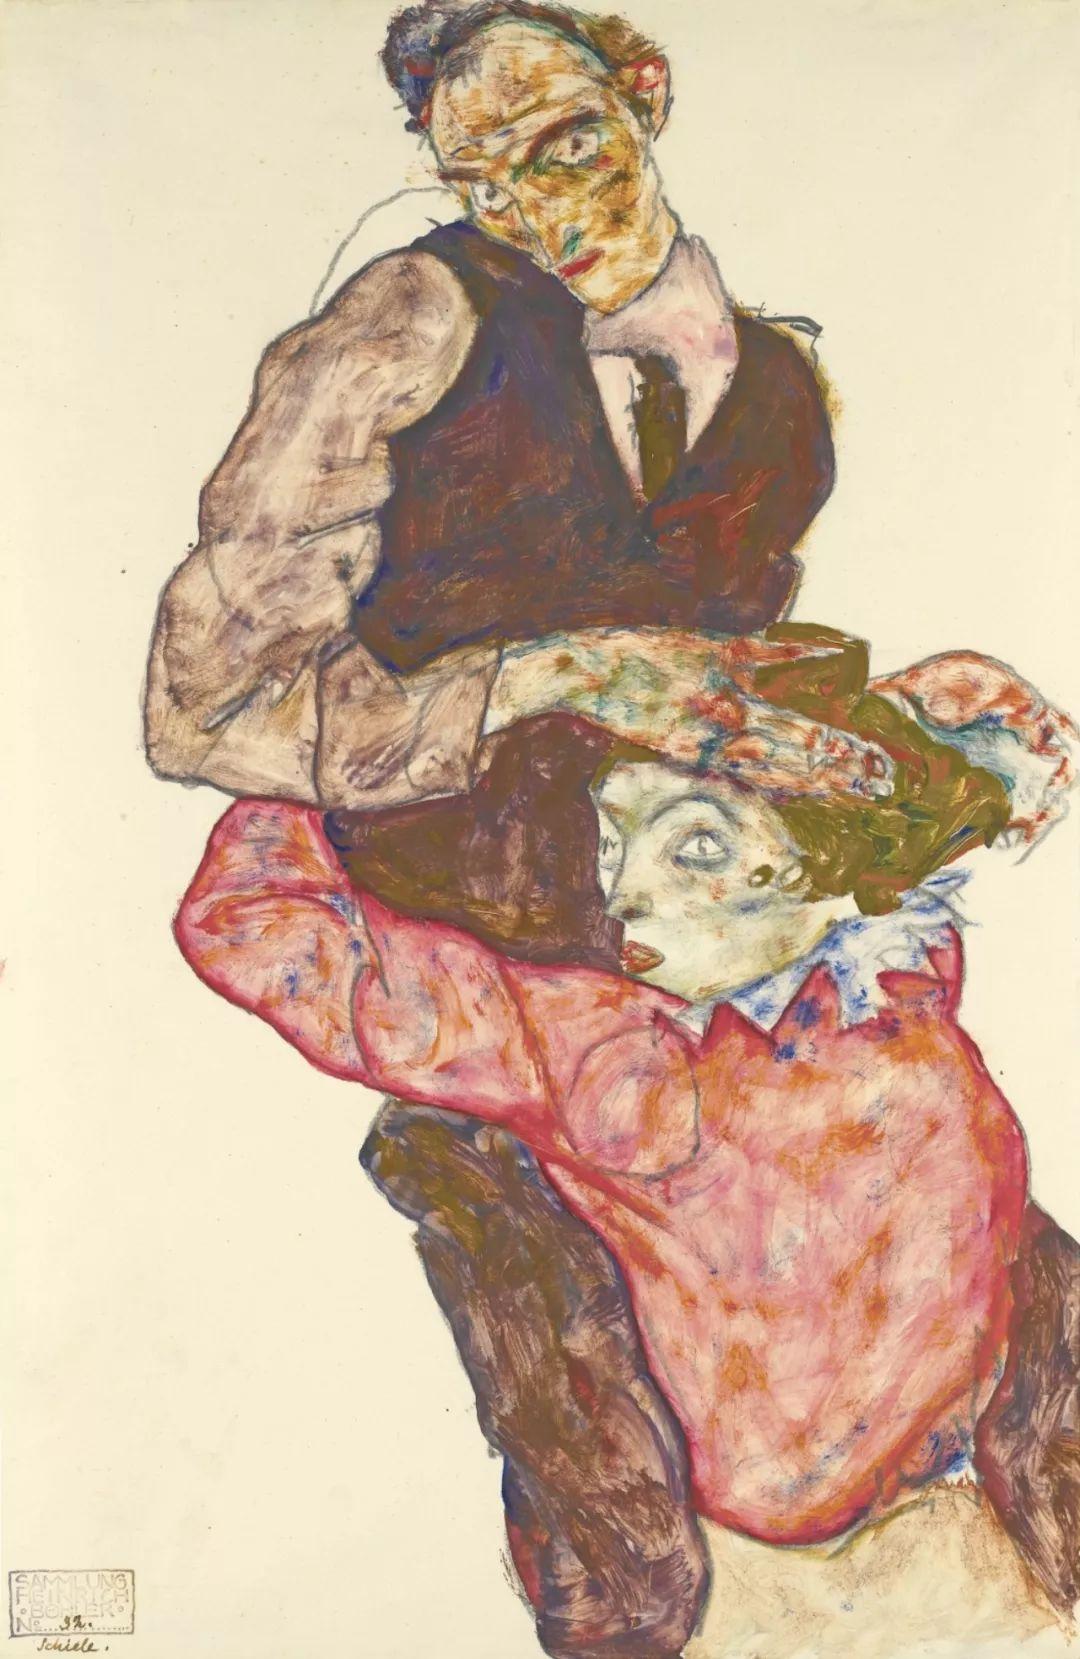 年仅28岁,生前遭受非议,死后却被捧为直逼心灵的艺术家插图157